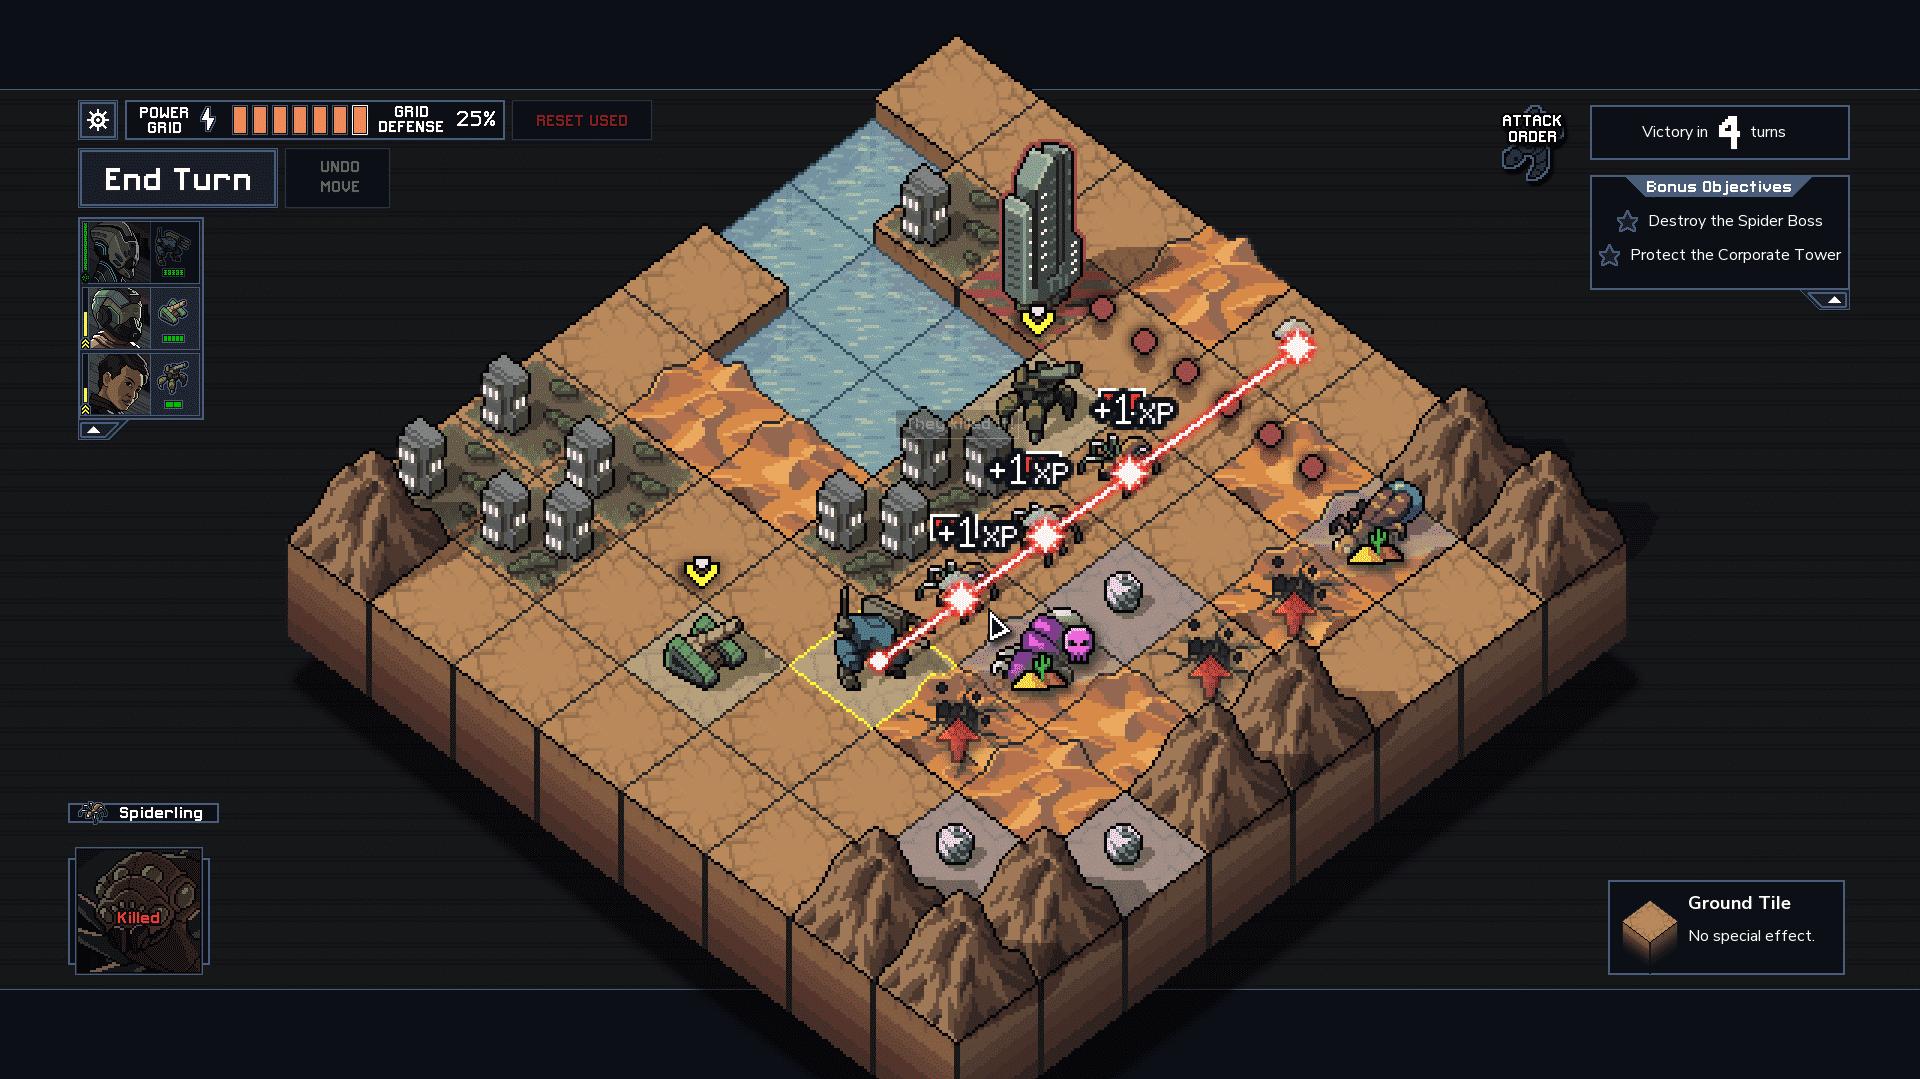 Zweites Spiel der FTL-Macher: Sci-Fi-Rundenstrategie Into The Breach erscheint heute